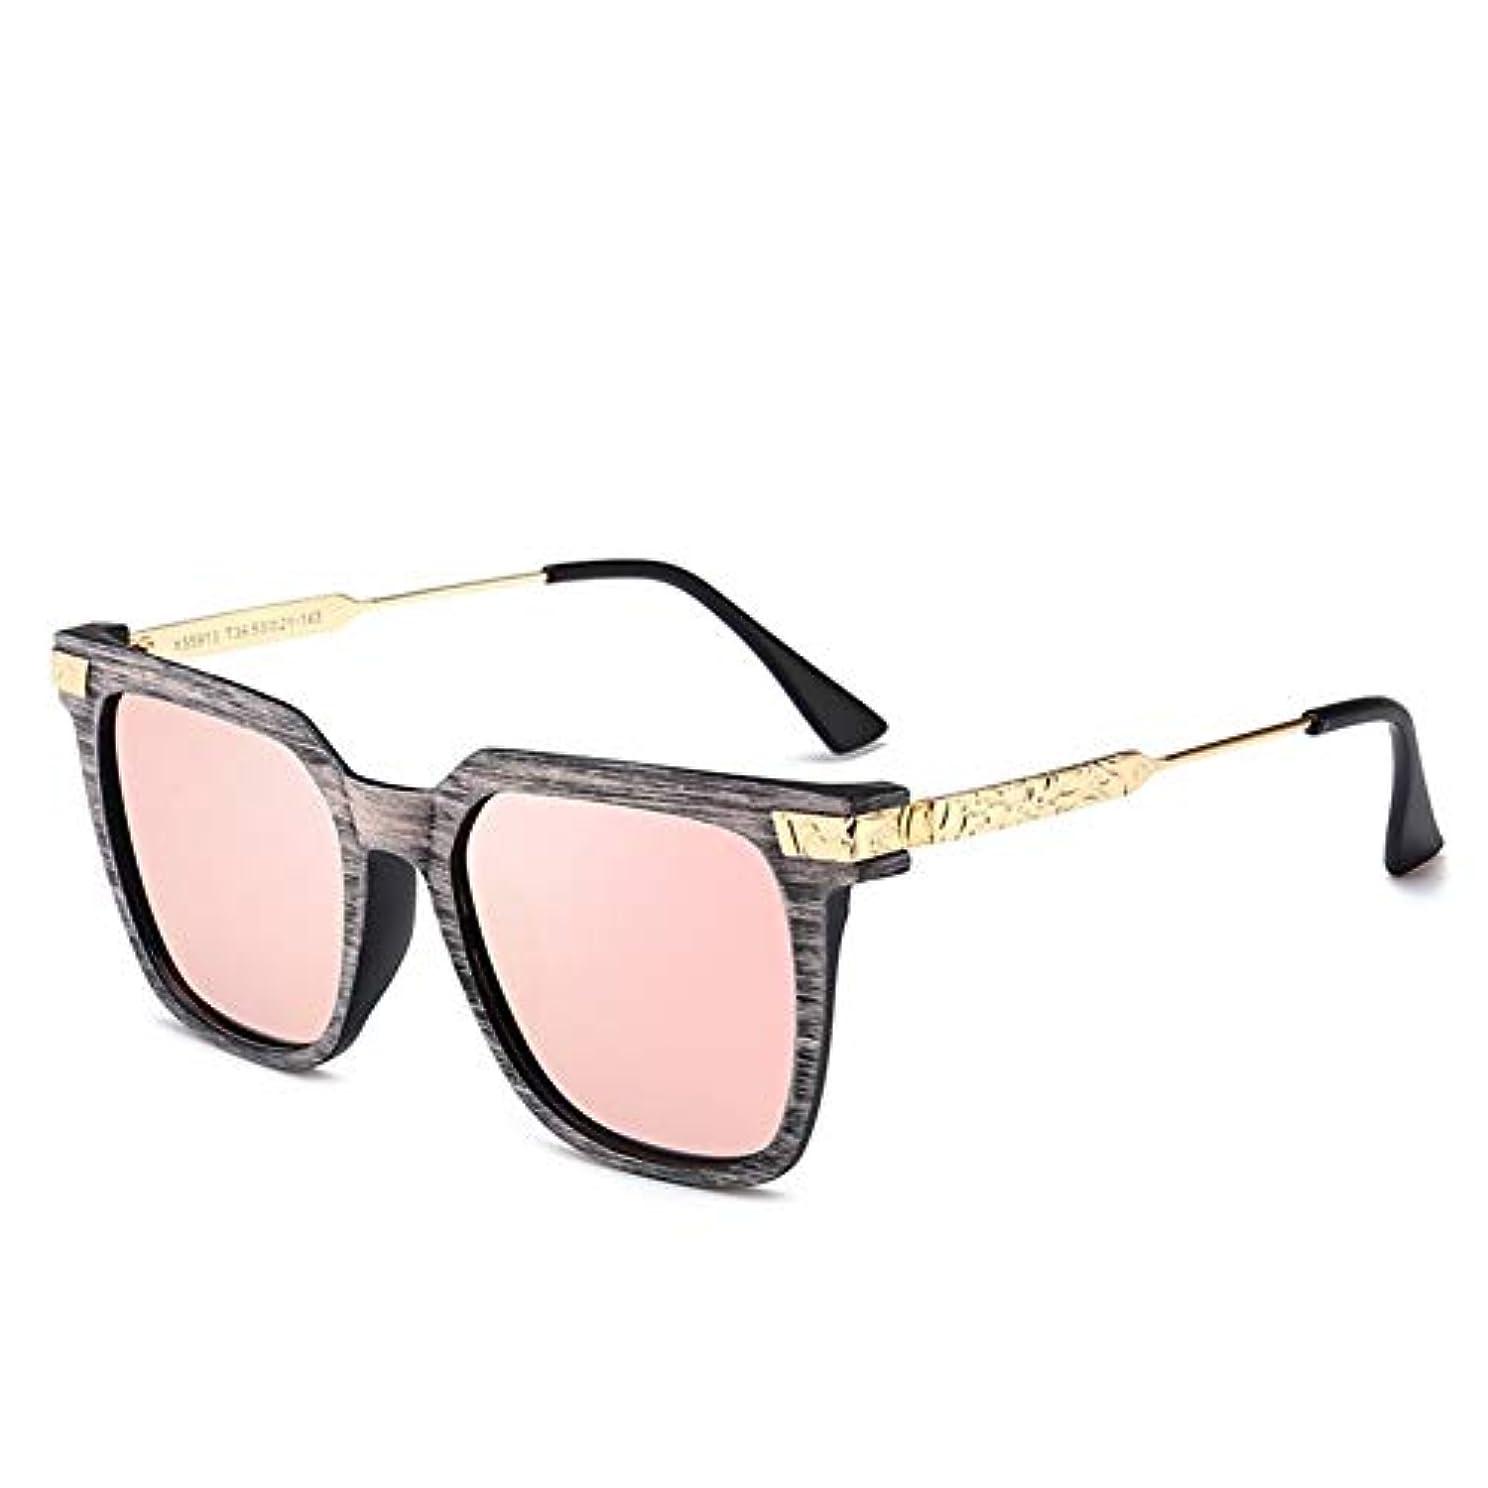 確執リンケージ知覚できるQ AI NI ストリートファッションサングラス偏光ミラーメンズとレディースブルー、ピンク、パープル 毎日の旅行用サングラス (Color : C3 powder)